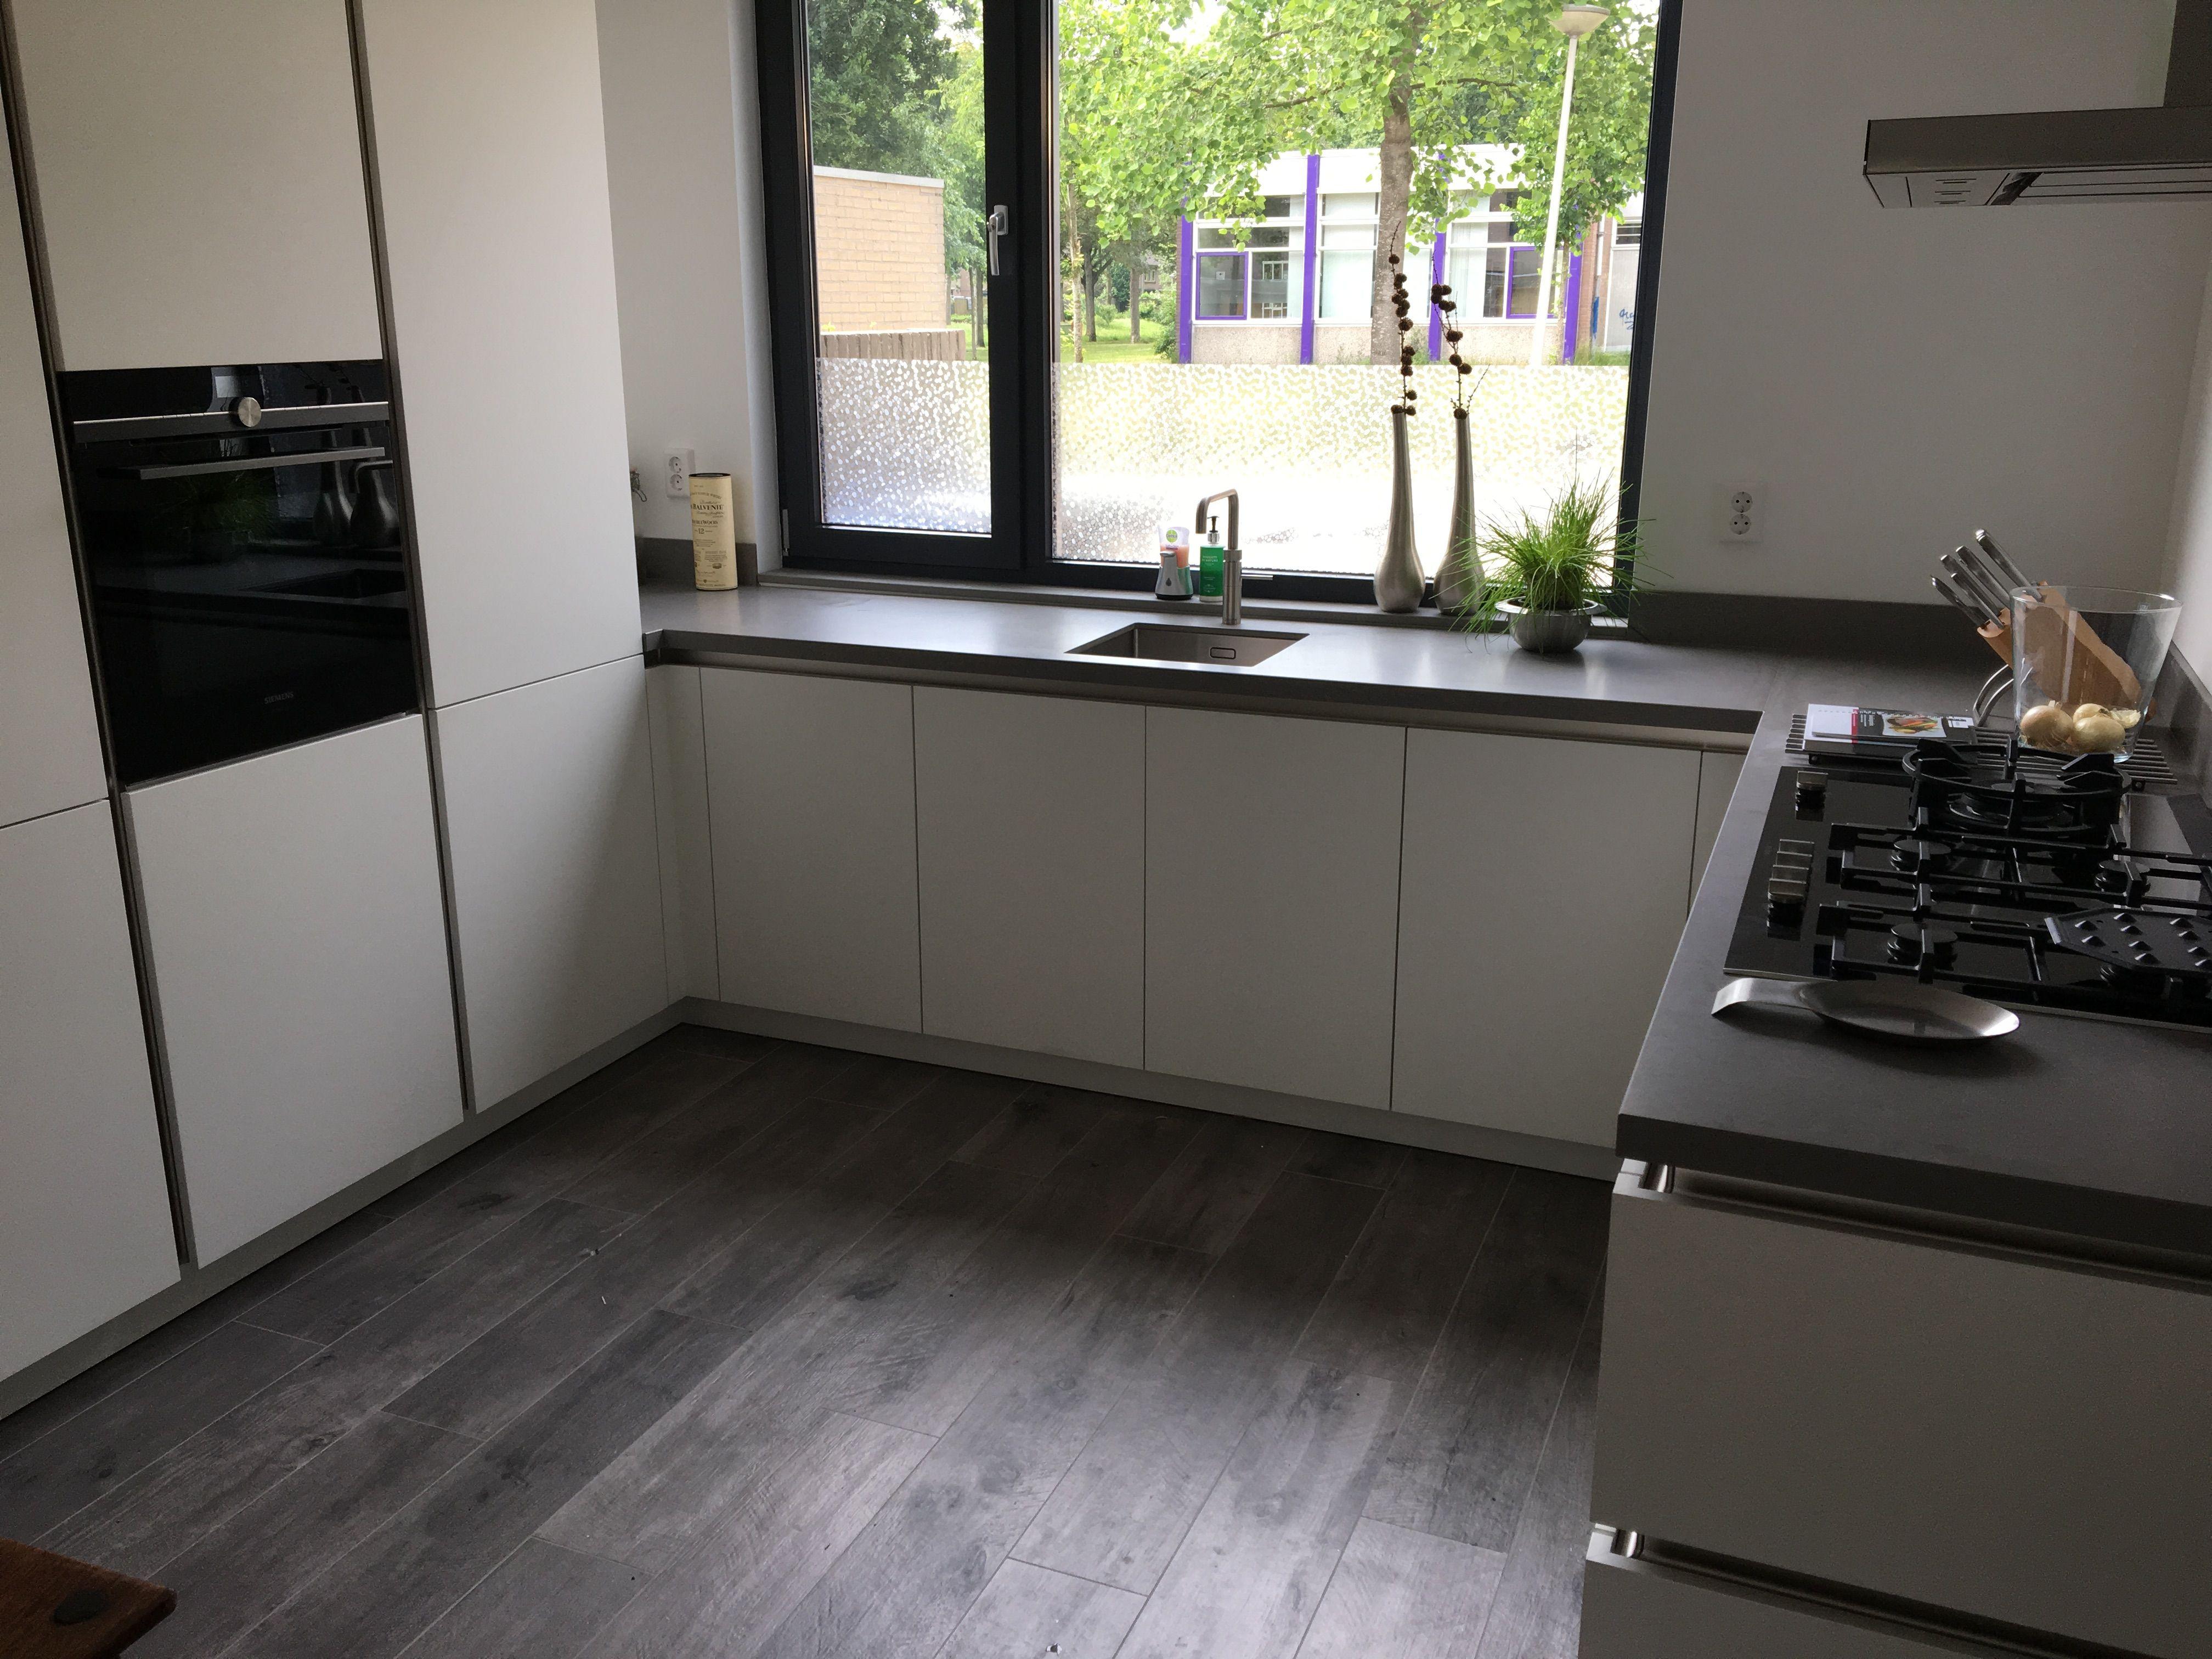 Keukenkast Met Werkblad : Moderne keuken mat wit keukenkasten donkergrijs keuken